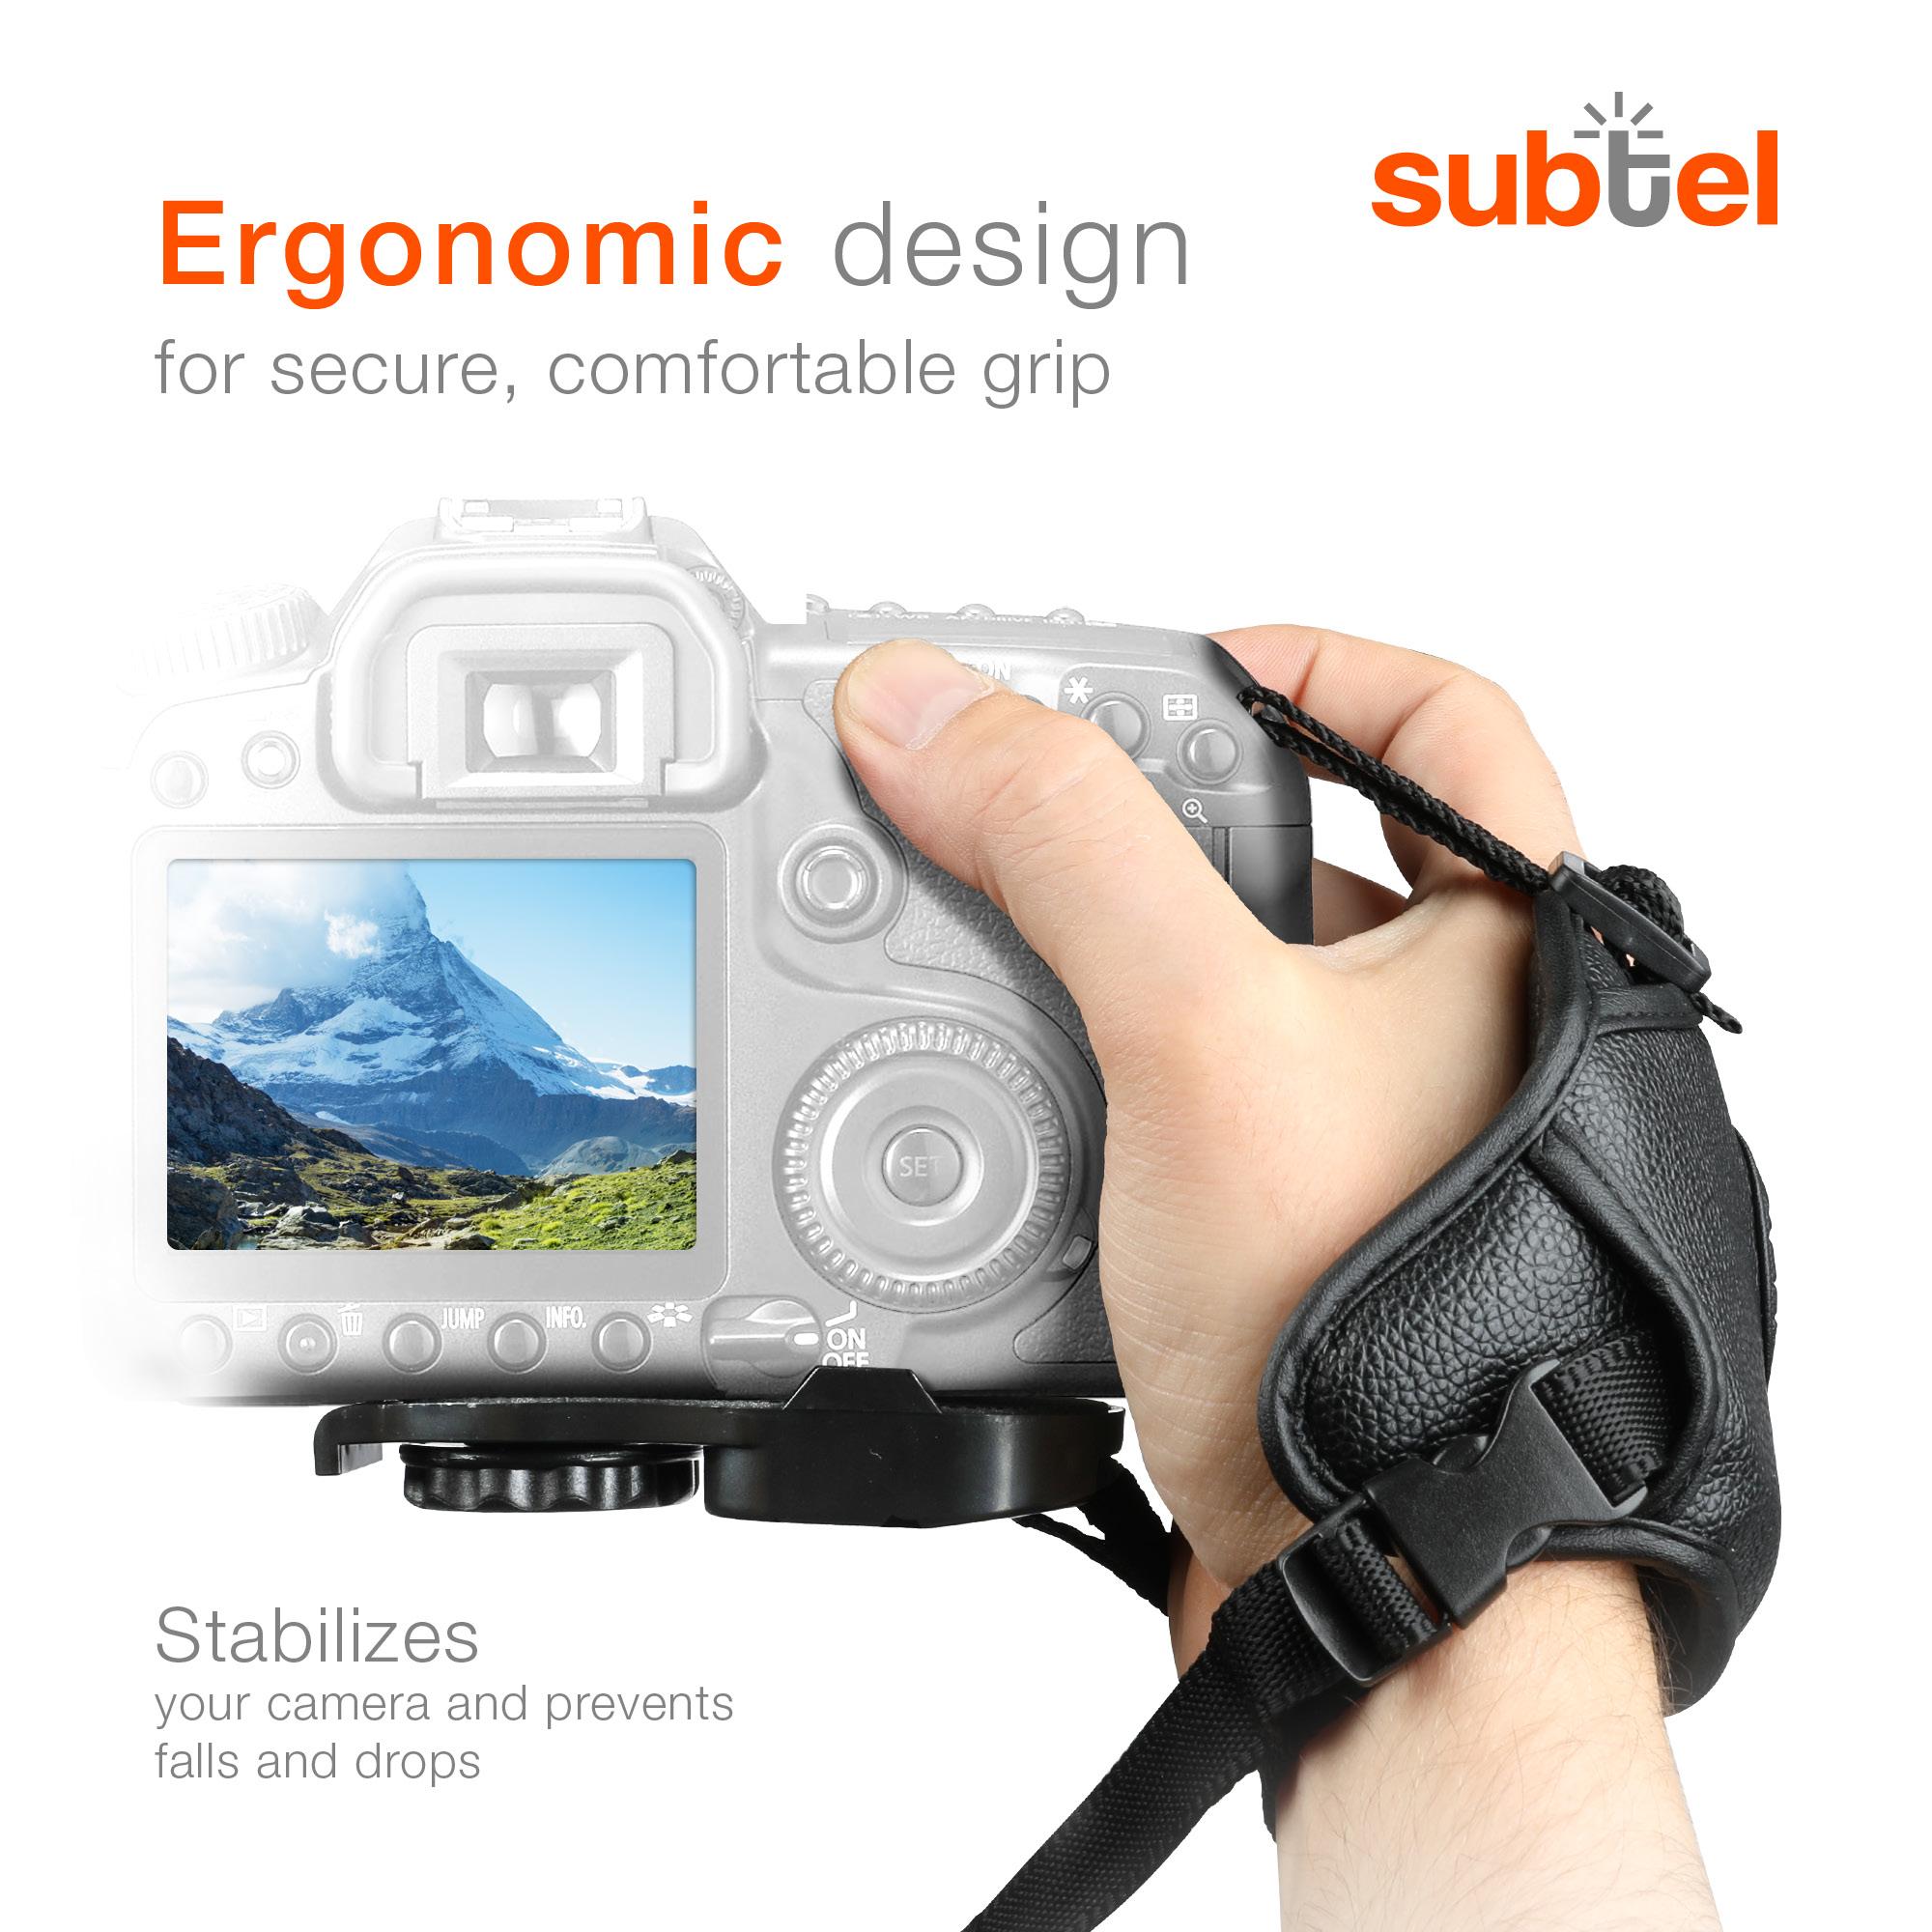 Correa de muñeca para Panasonic Lumix dmc-fz1000 PU Cuero mano cinturón Cinturón cámara